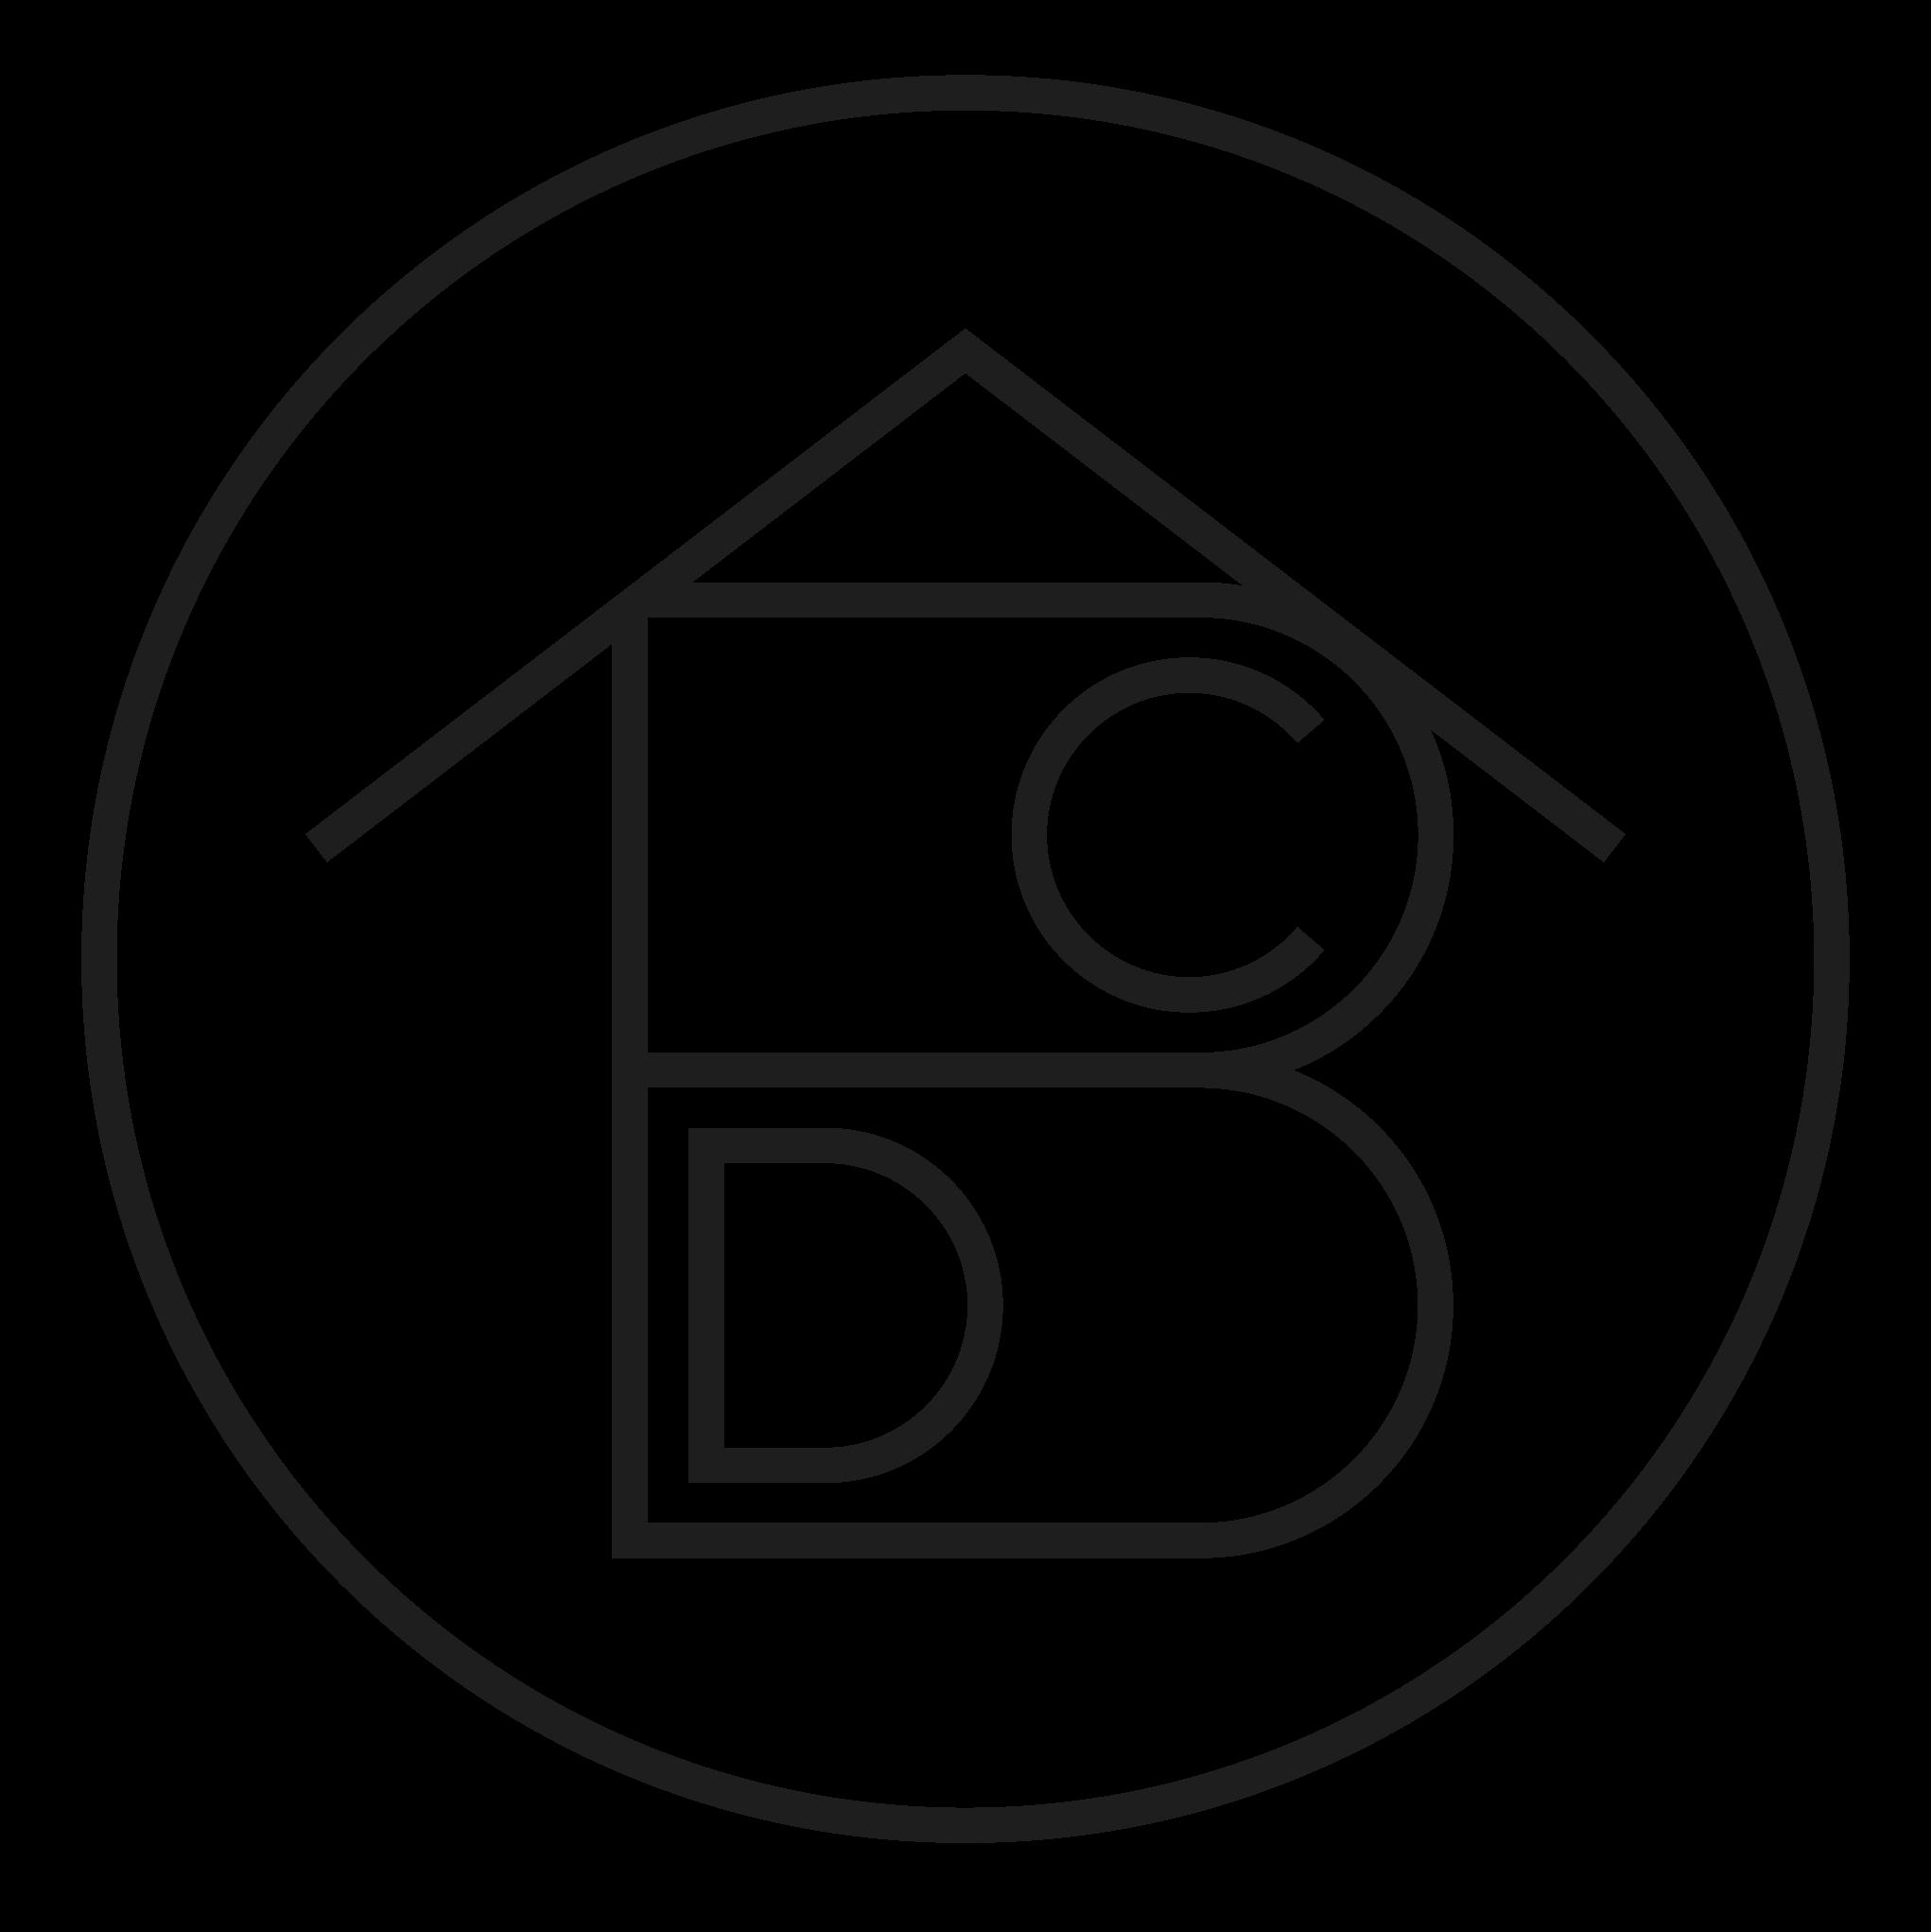 logo ABCD MAISON blanc et noir